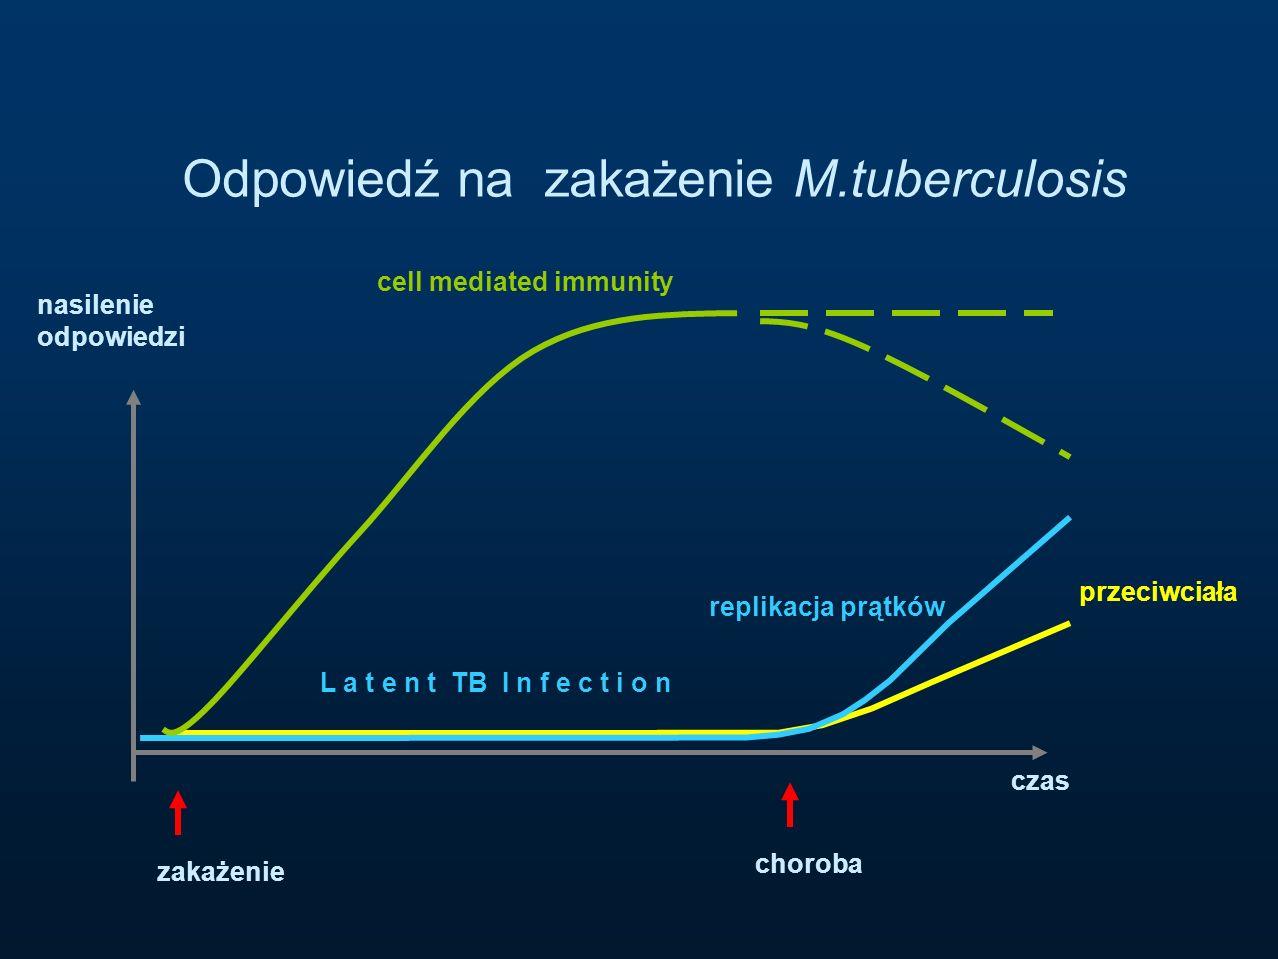 czas nasilenie odpowiedzi cell mediated immunity replikacja prątków przeciwciała zakażenie Odpowiedź na zakażenie M.tuberculosis choroba L a t e n t T